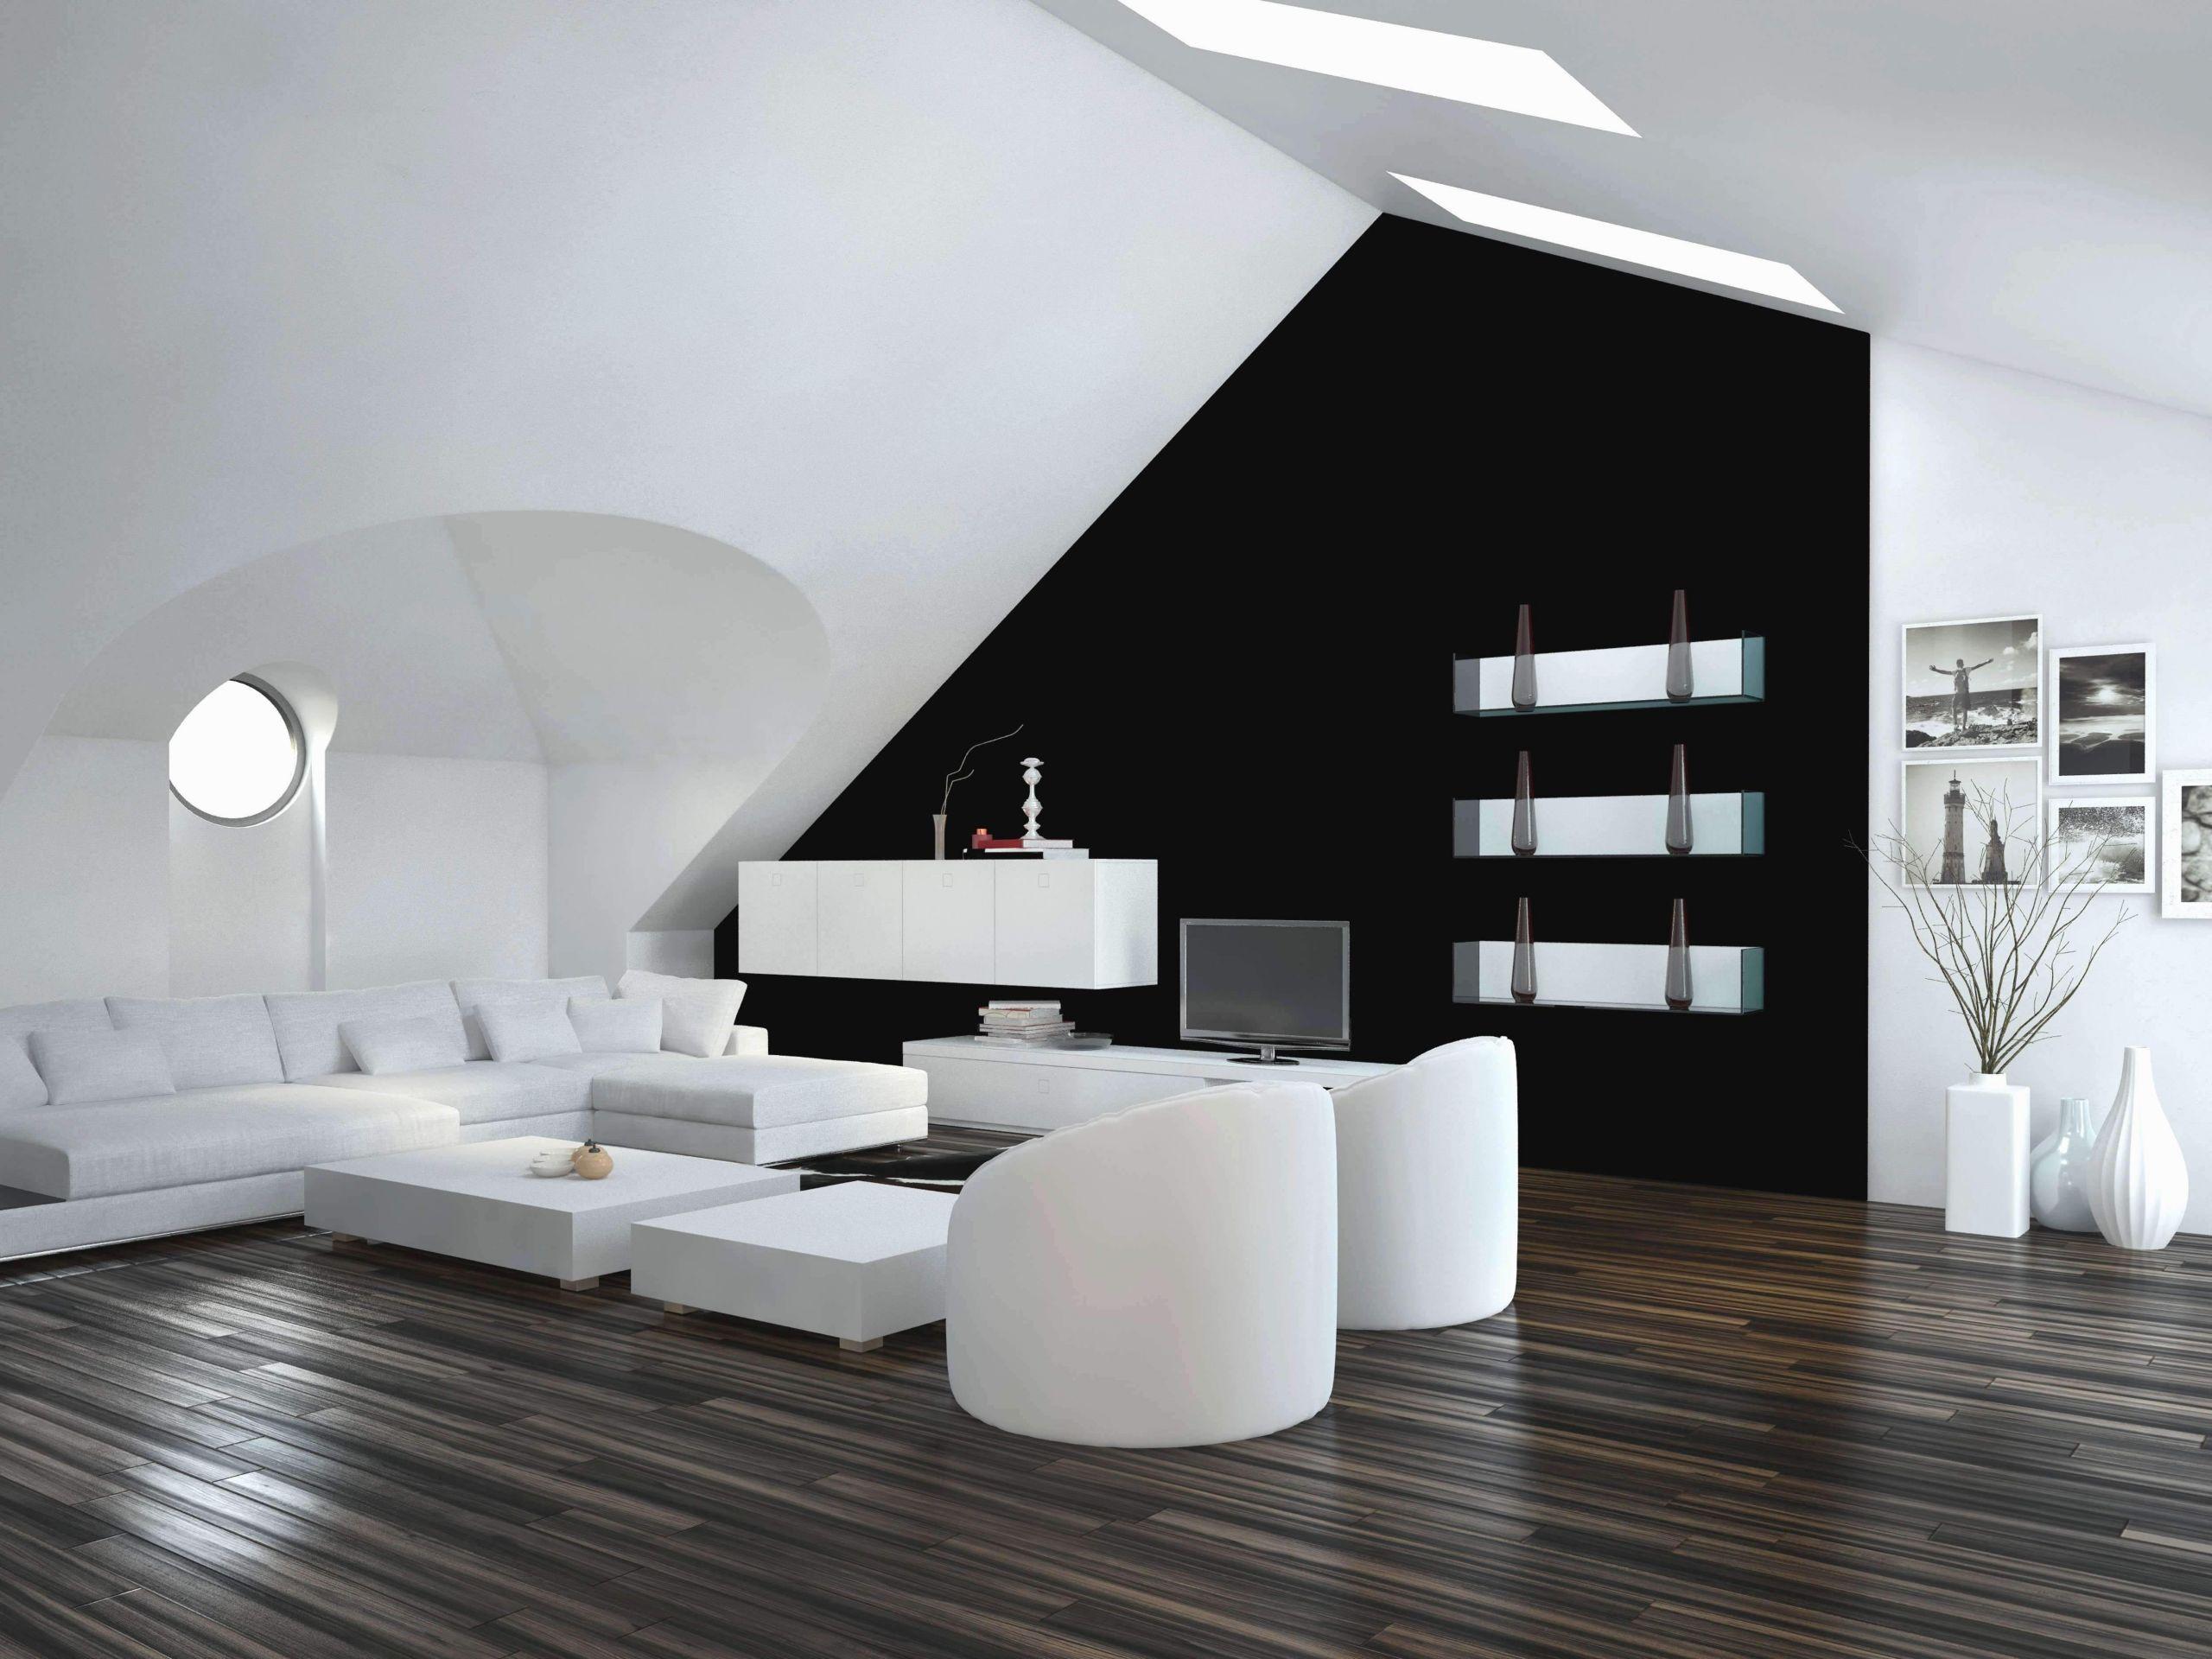 wanddekoration ideen wohnzimmer luxus 30 schon wanddeko ideen wohnzimmer of wanddekoration ideen wohnzimmer scaled